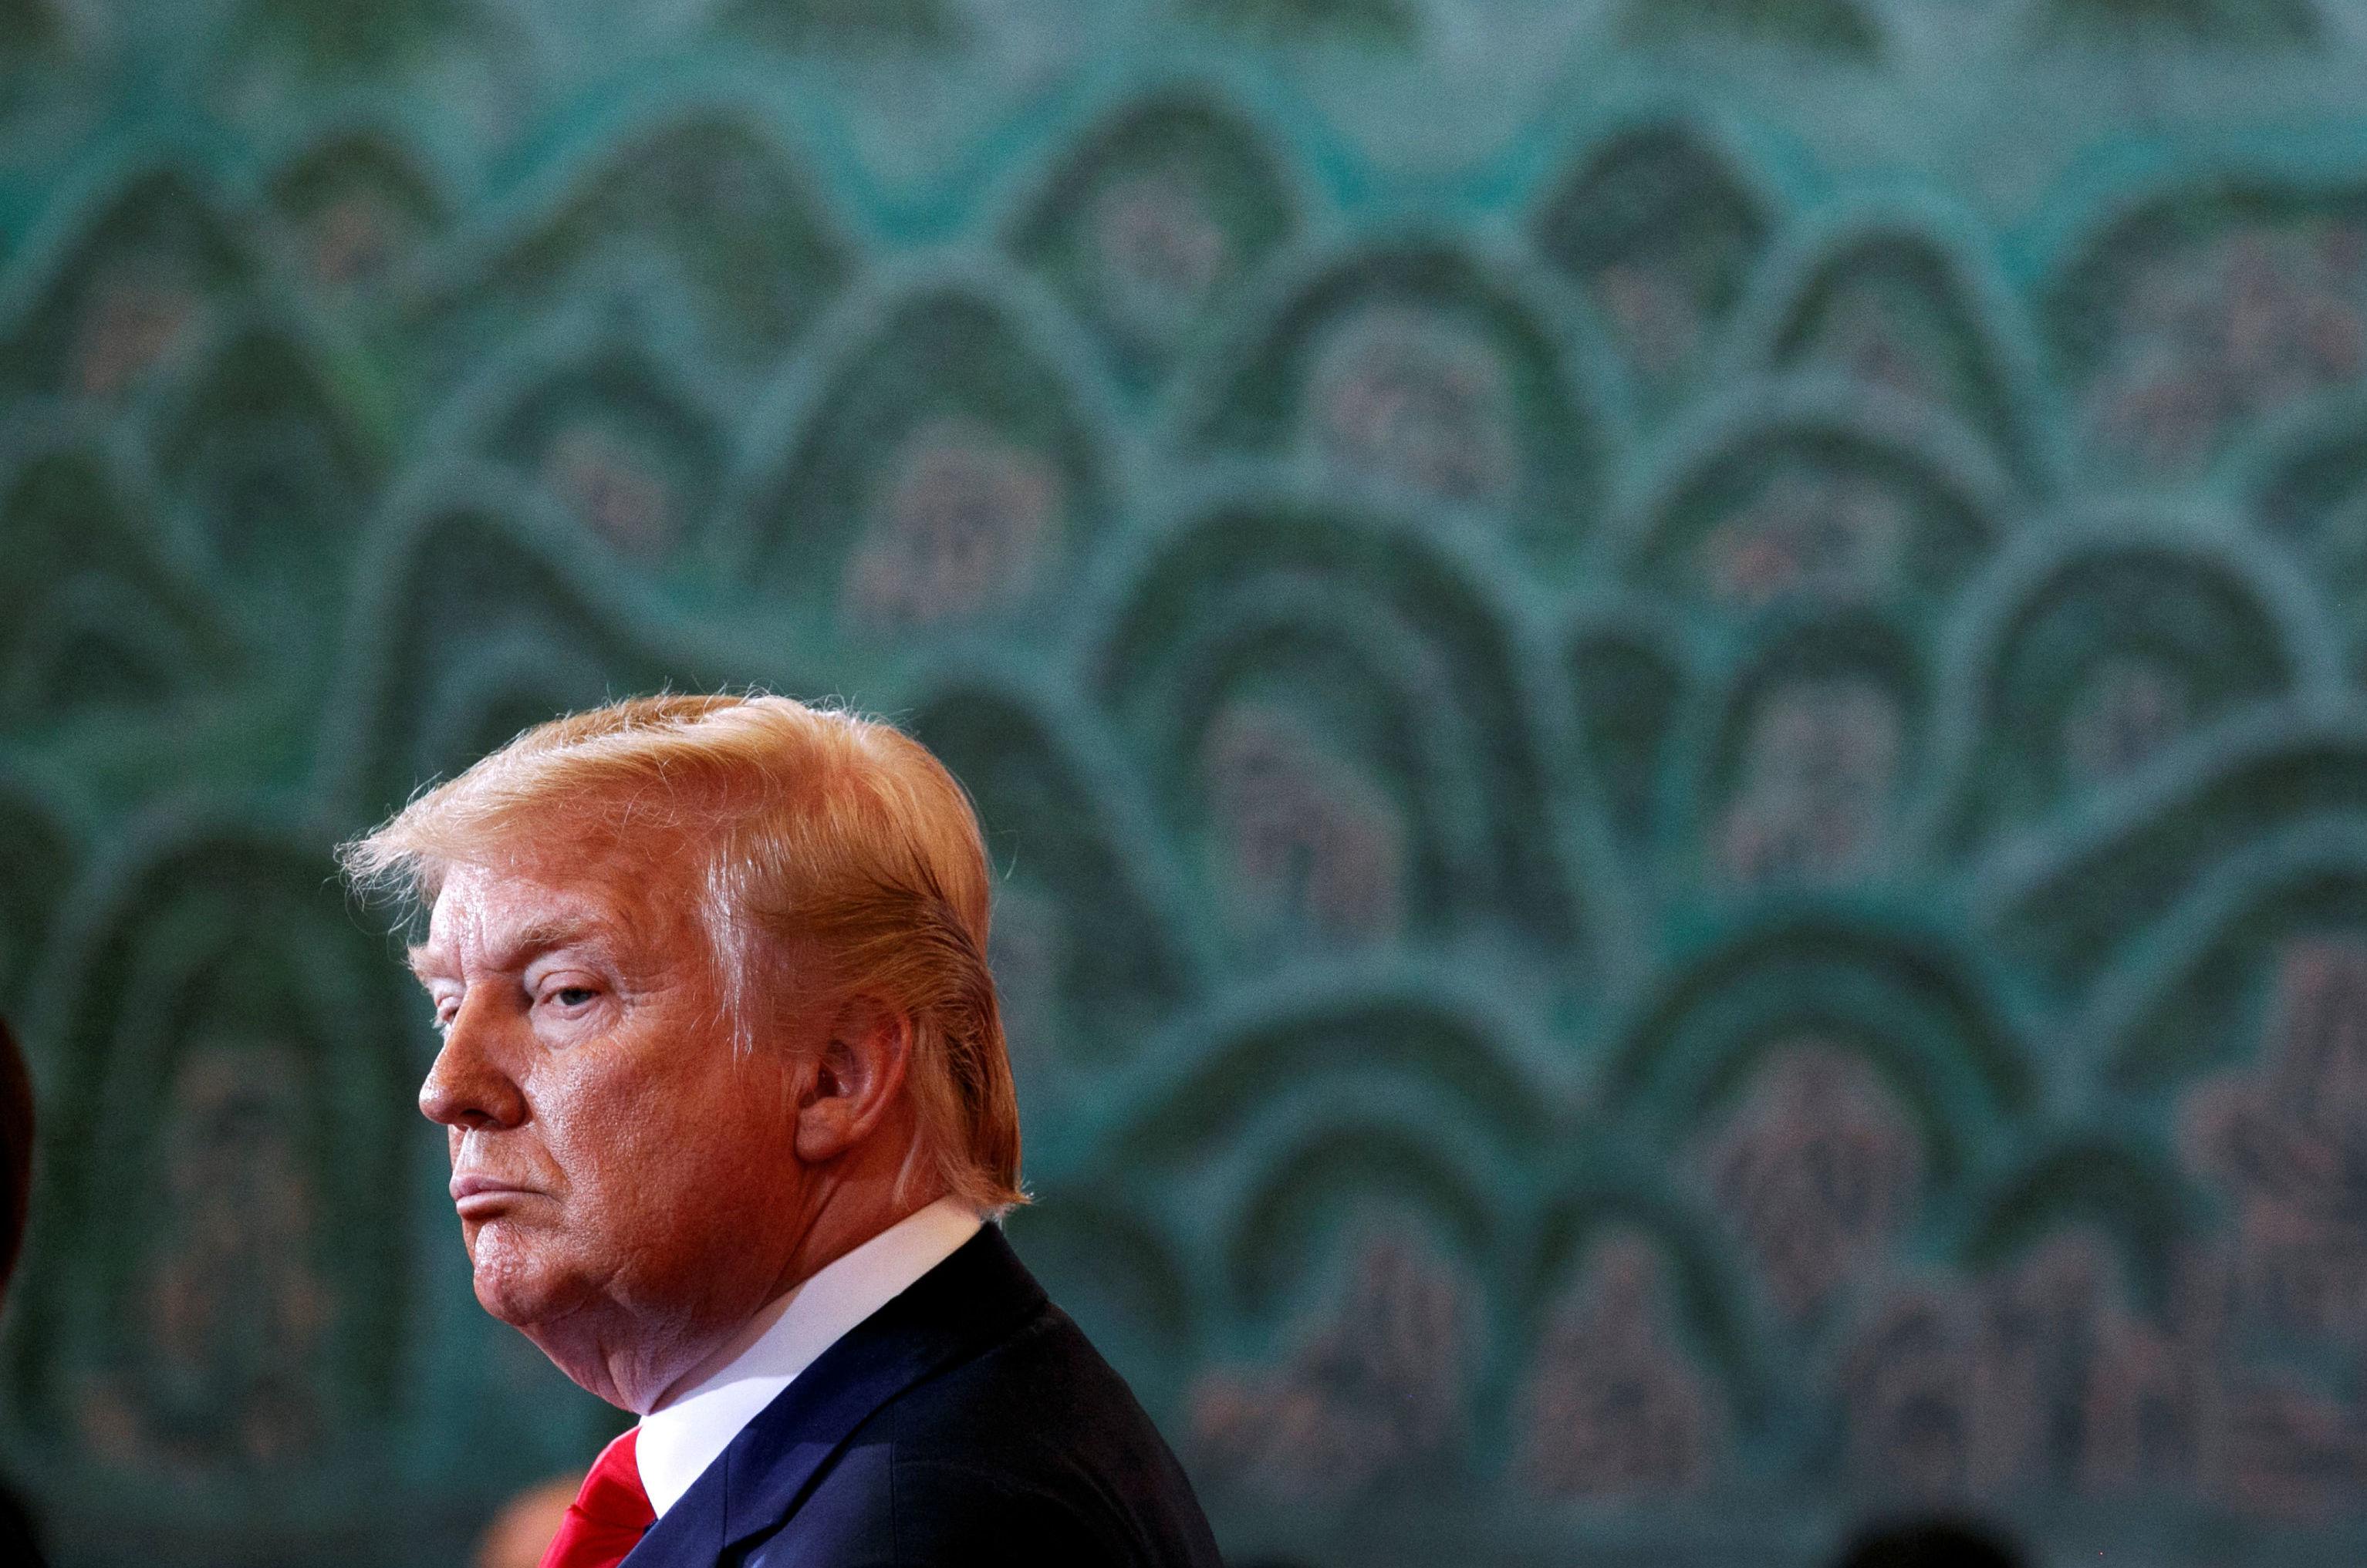 Trump: Trump: Kuzey Kore'ye yaptırımlar kalıyor. Kaldırmayı dört gözle bekliyorum. Bu ülkeye yaptırım uygulamayı sevmiyorum ama yaptırımlar kalıyor